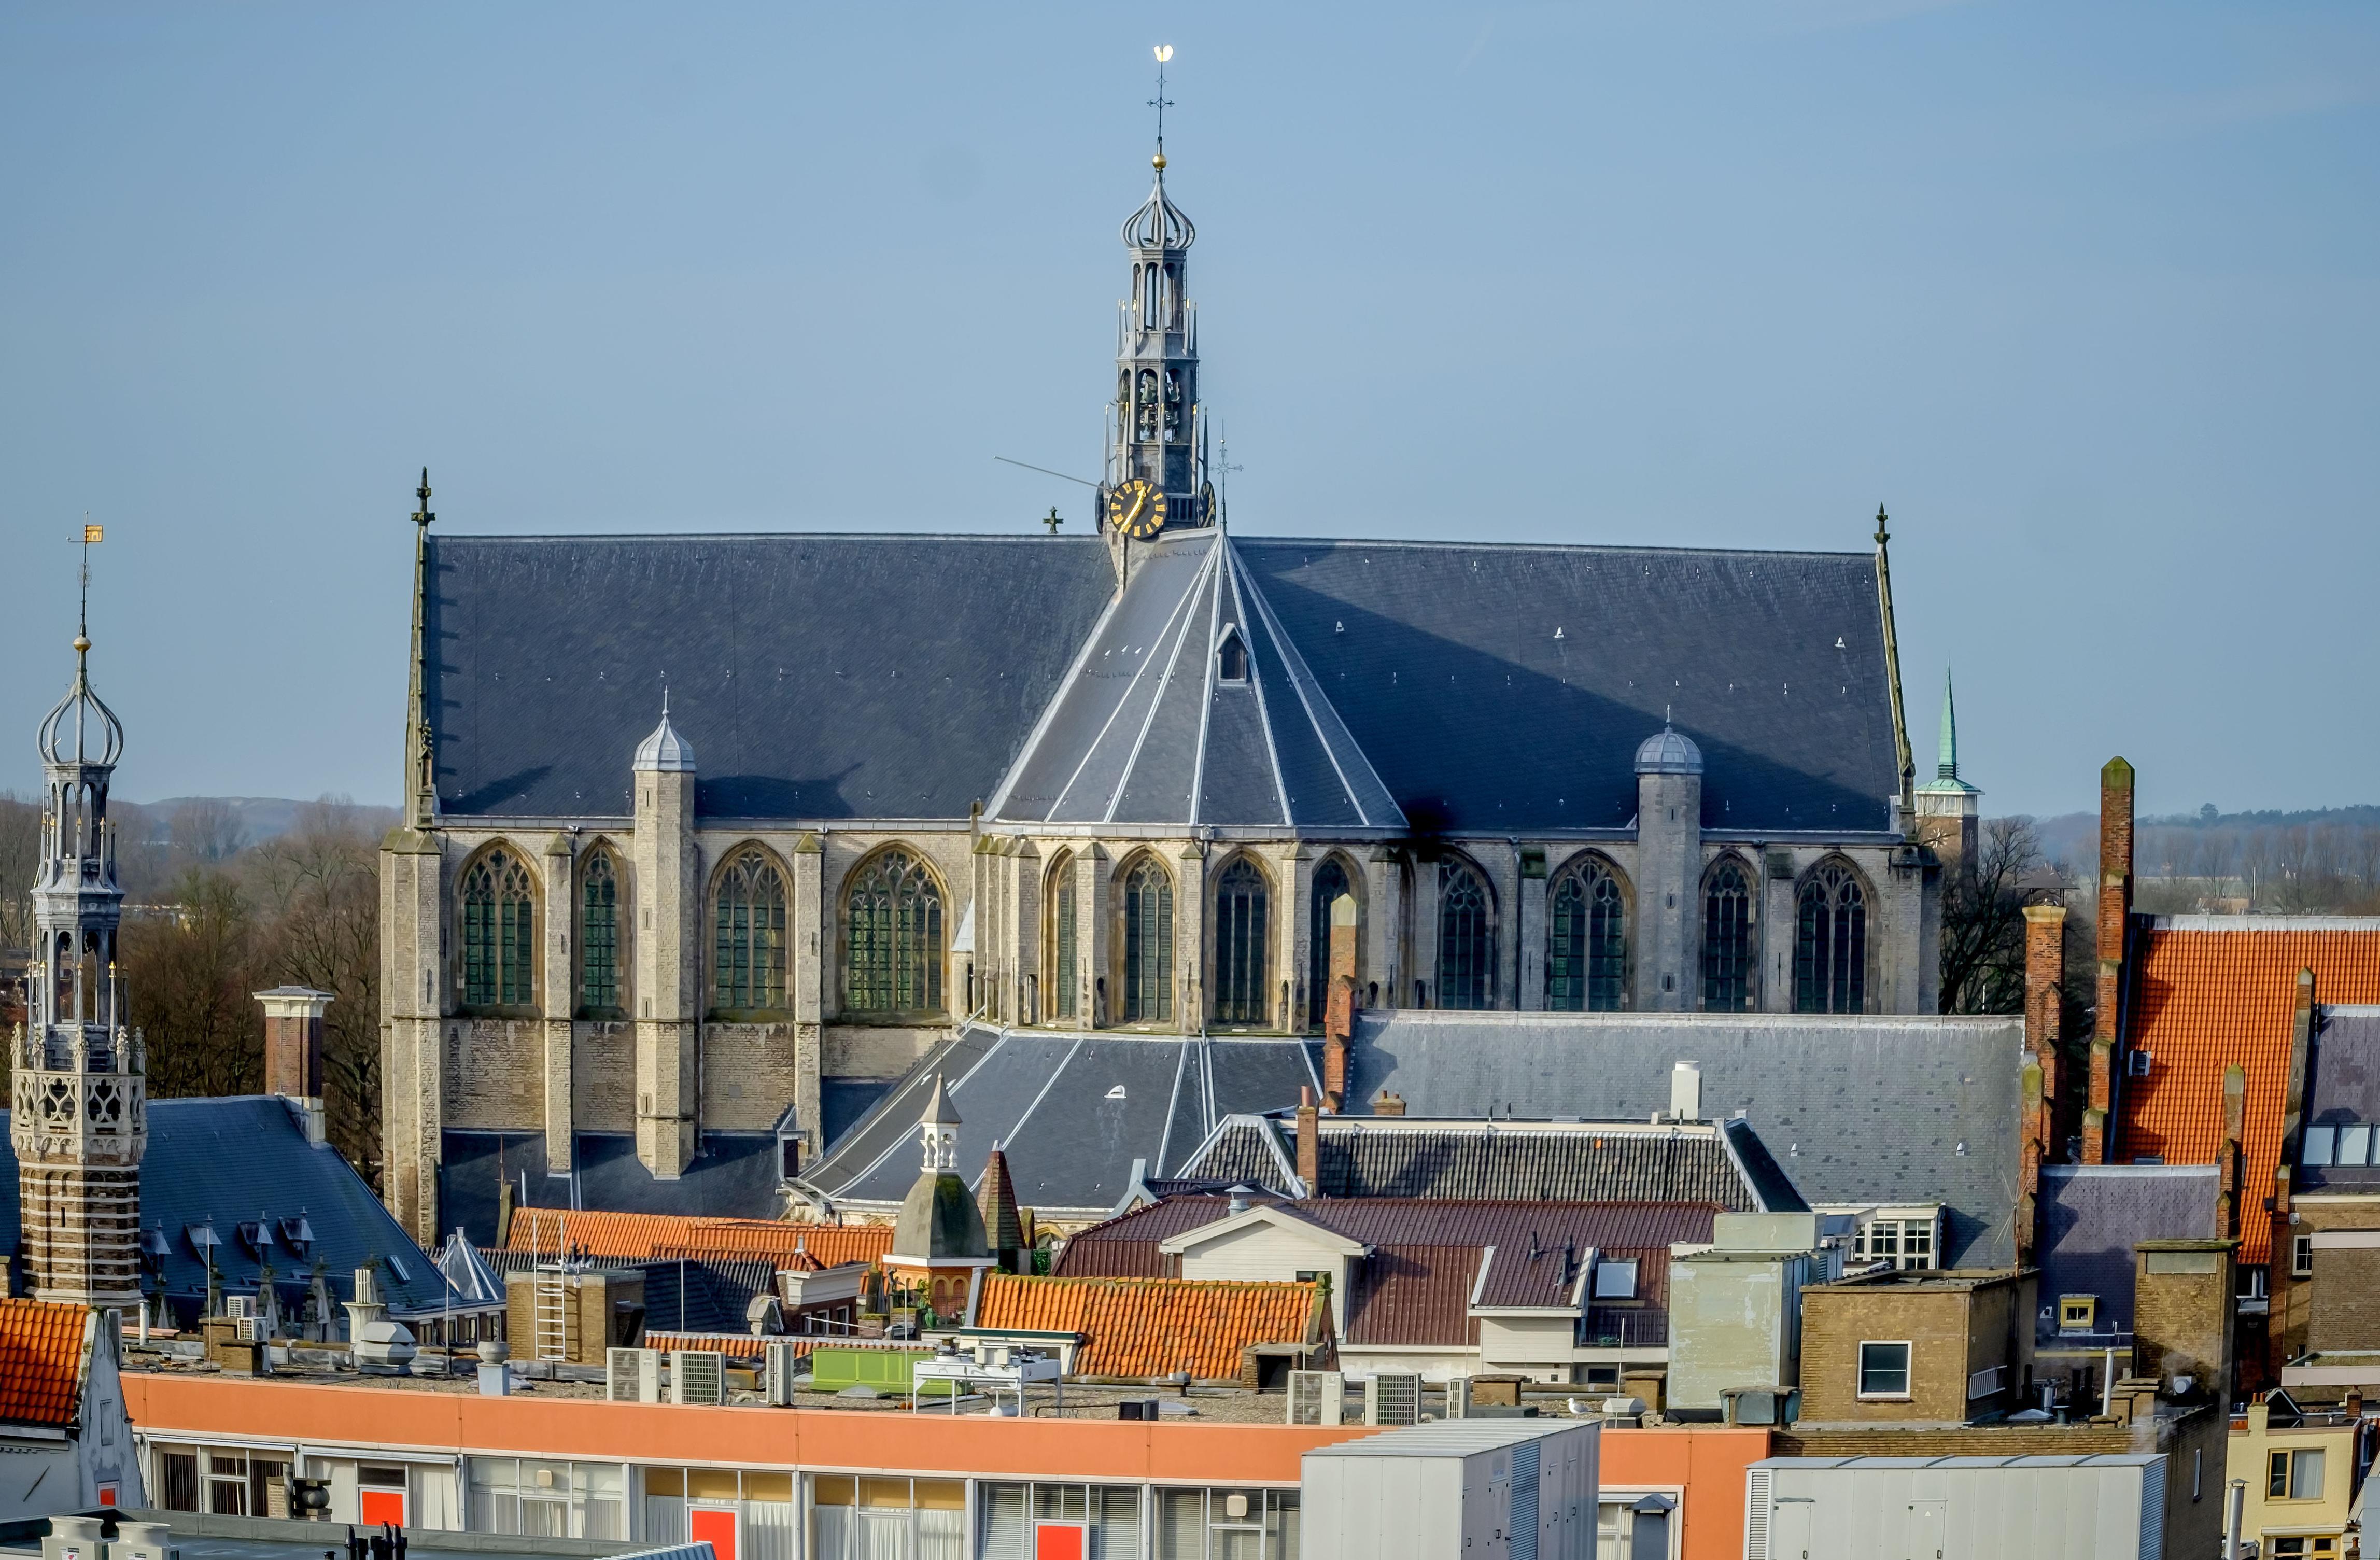 Onderzoek naar instortingsgevaar Grote Kerk in Alkmaar is niet nodig. Er is een jaarlijkse inspectie